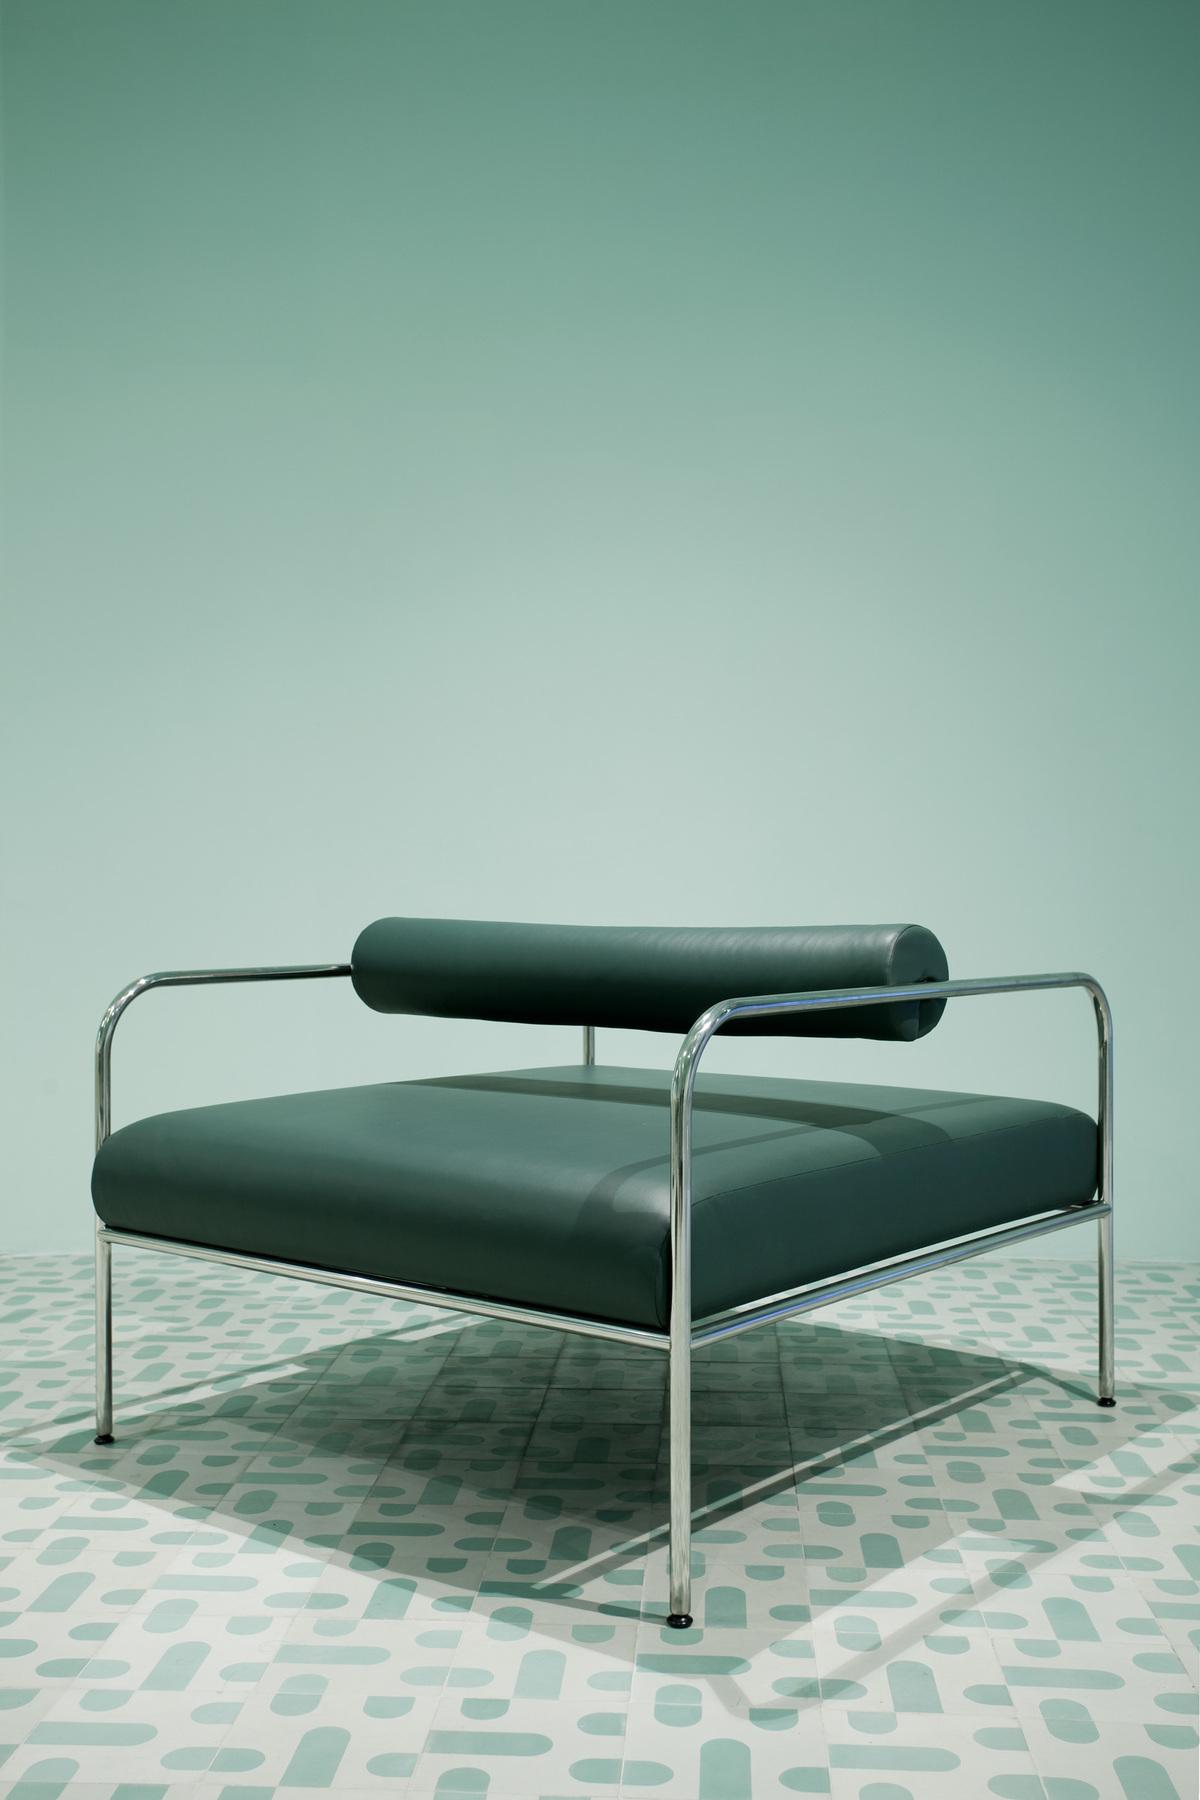 Chair in tribute to tribute to Shiro Kuramata